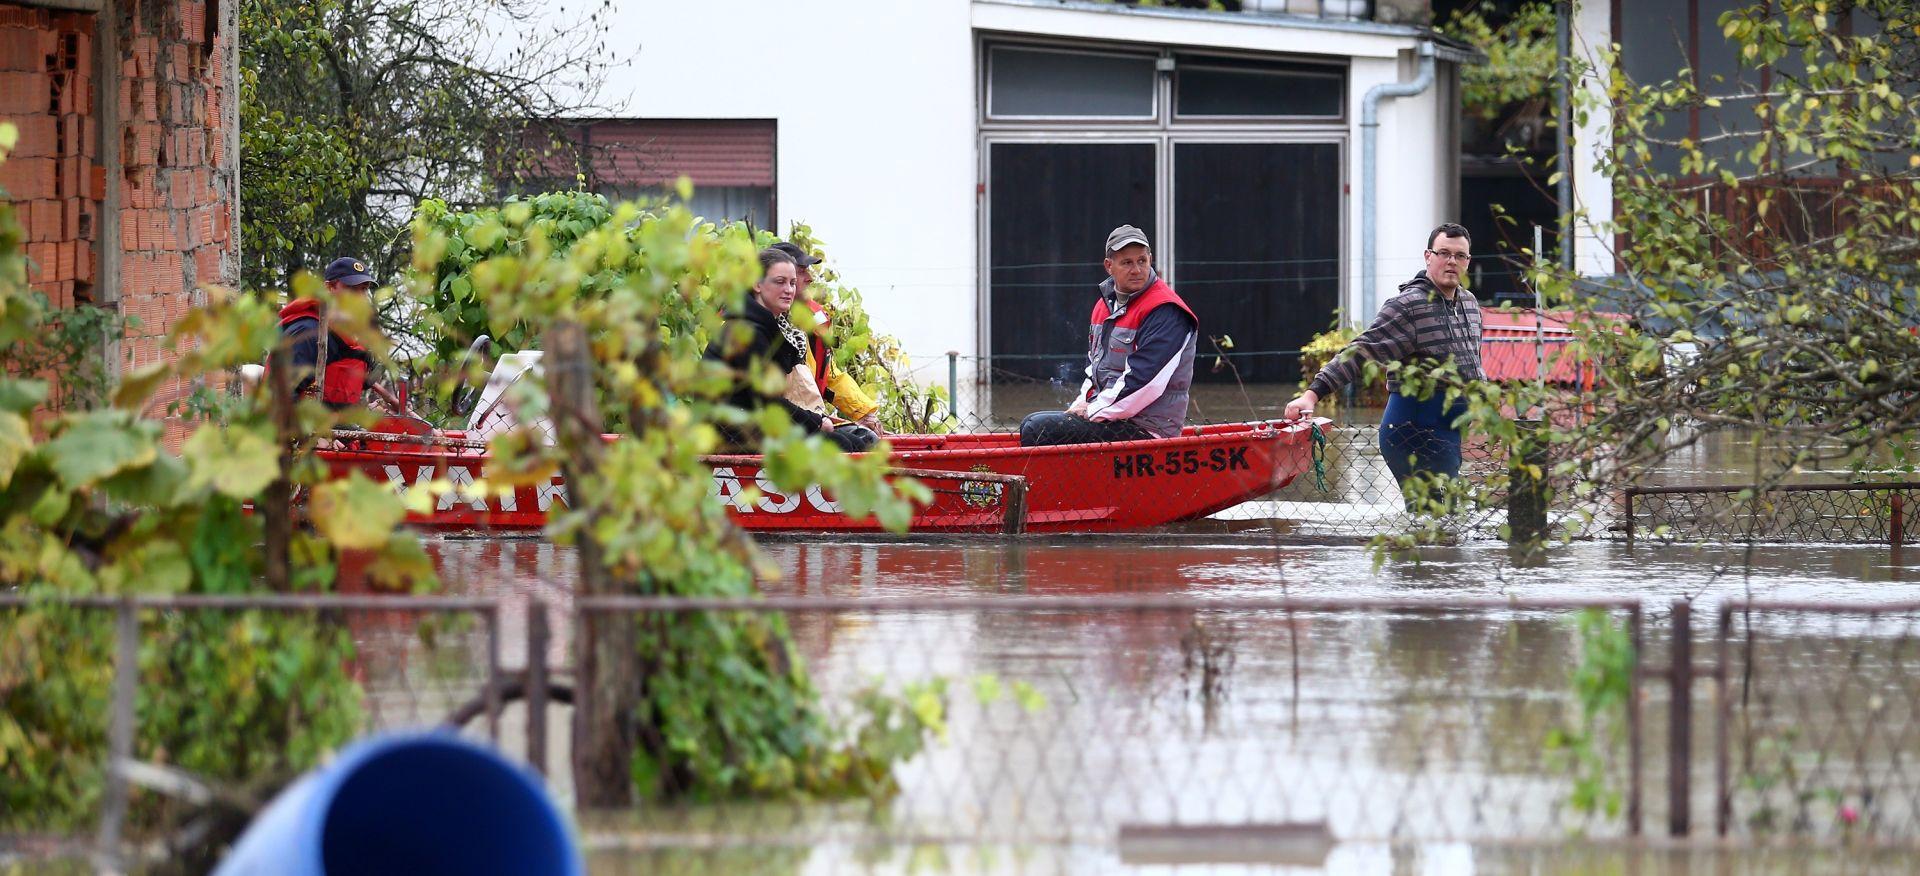 Od posljednje poplave šteta u Karlovcu oko 60 milijuna kuna